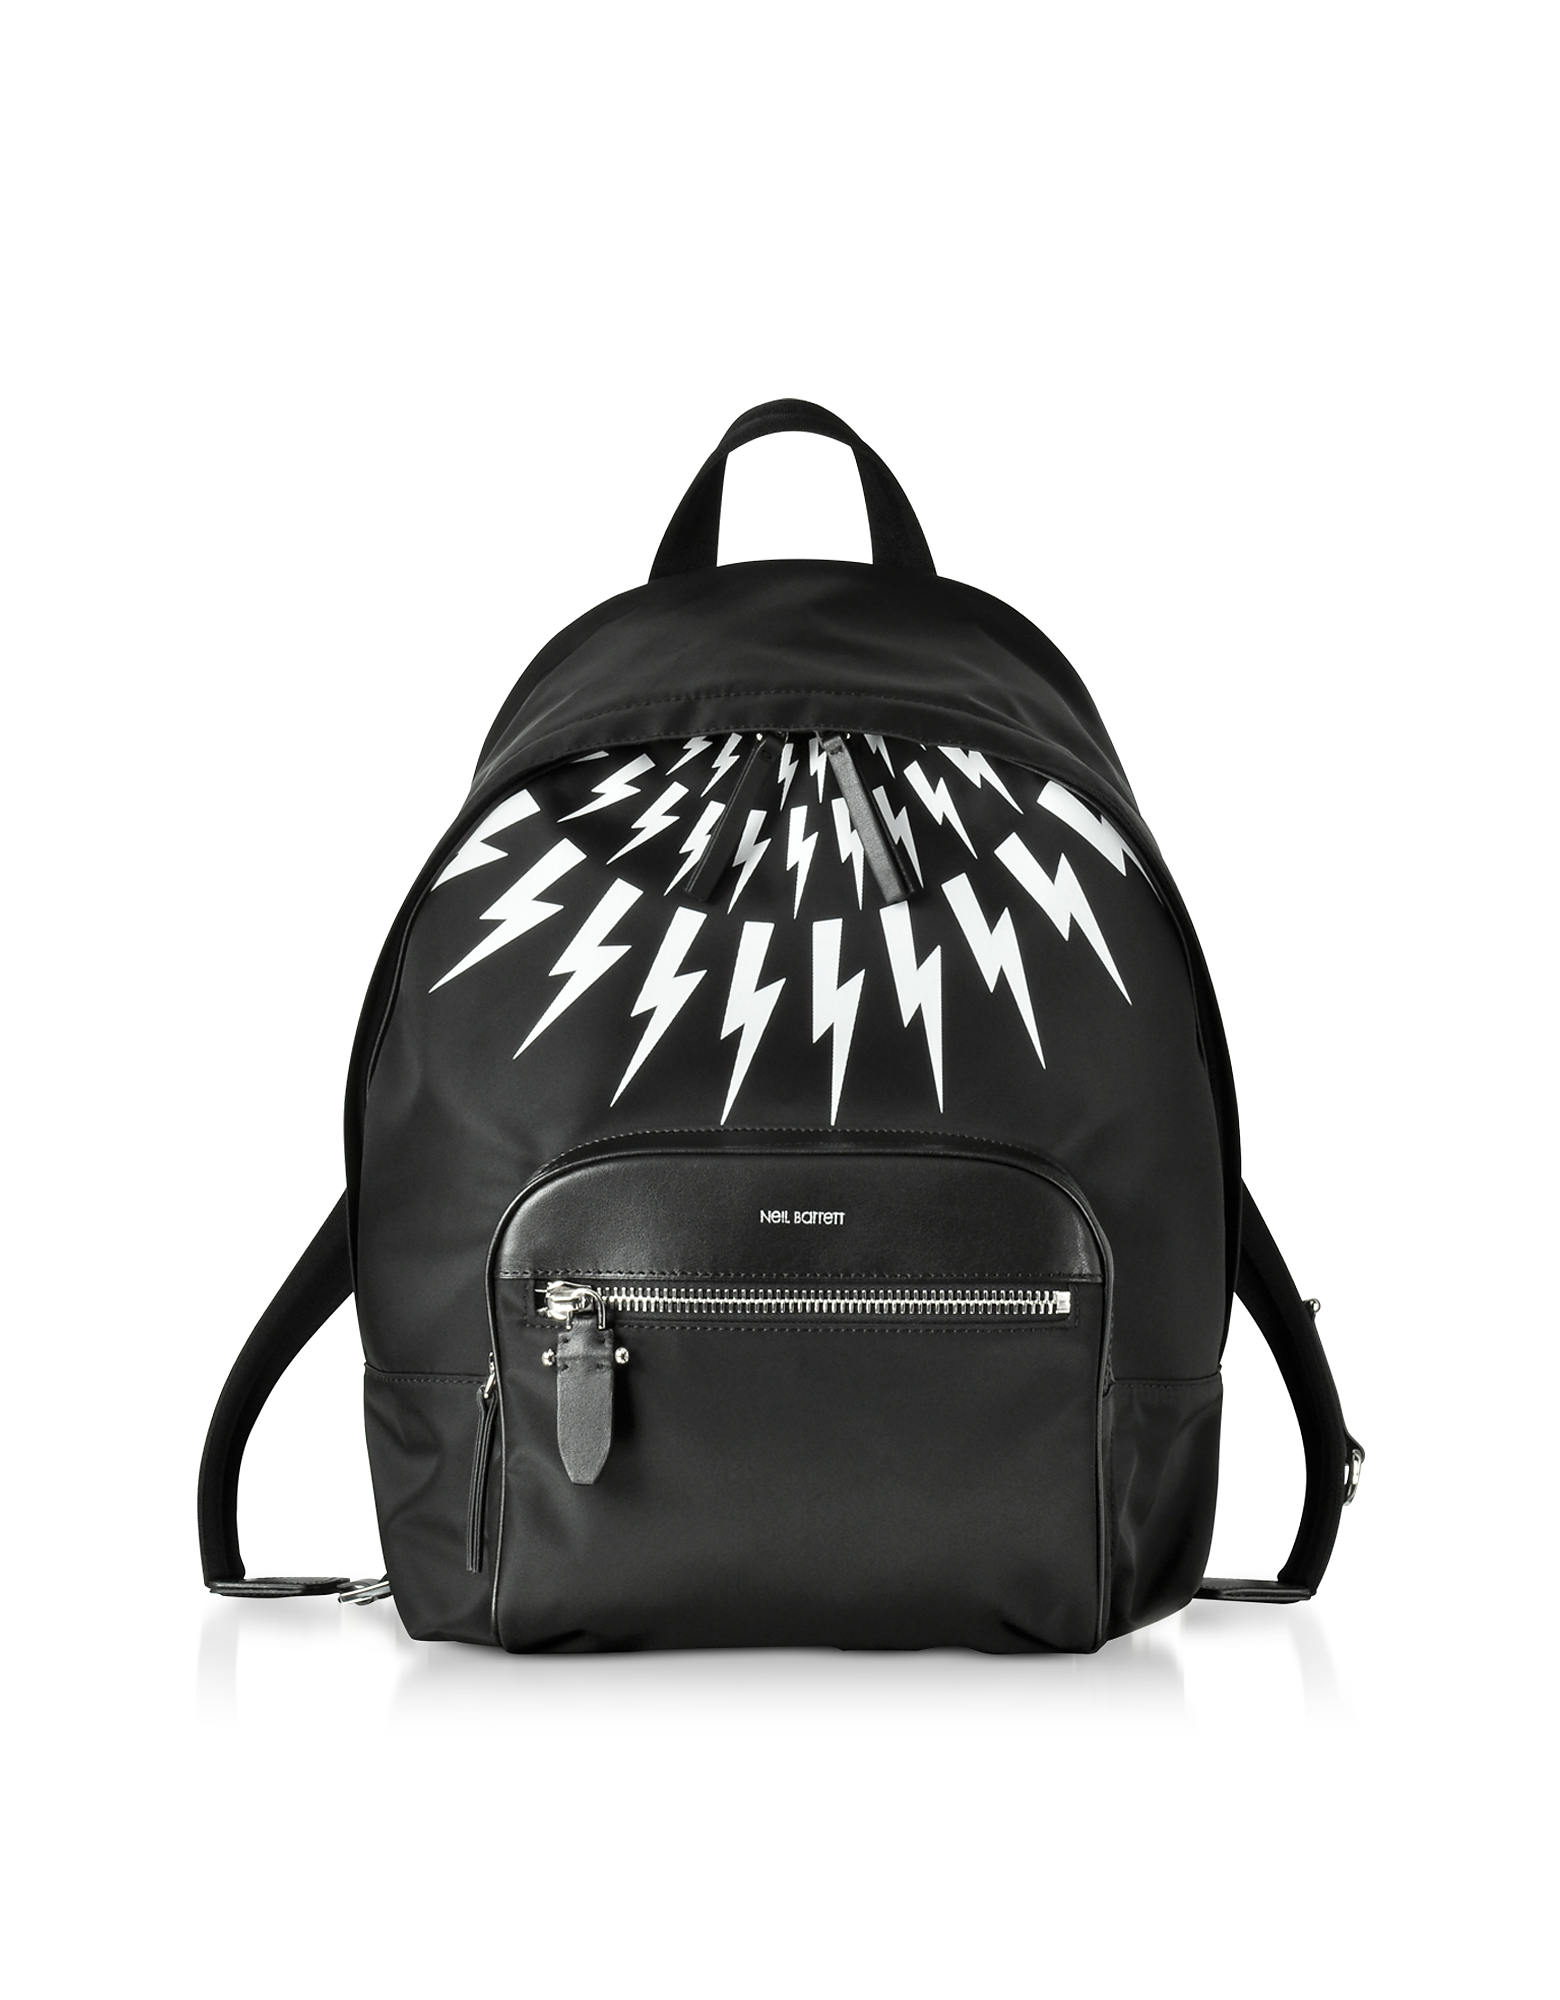 Neil Barrett Backpacks, Black and White Nylon Classic Backpack